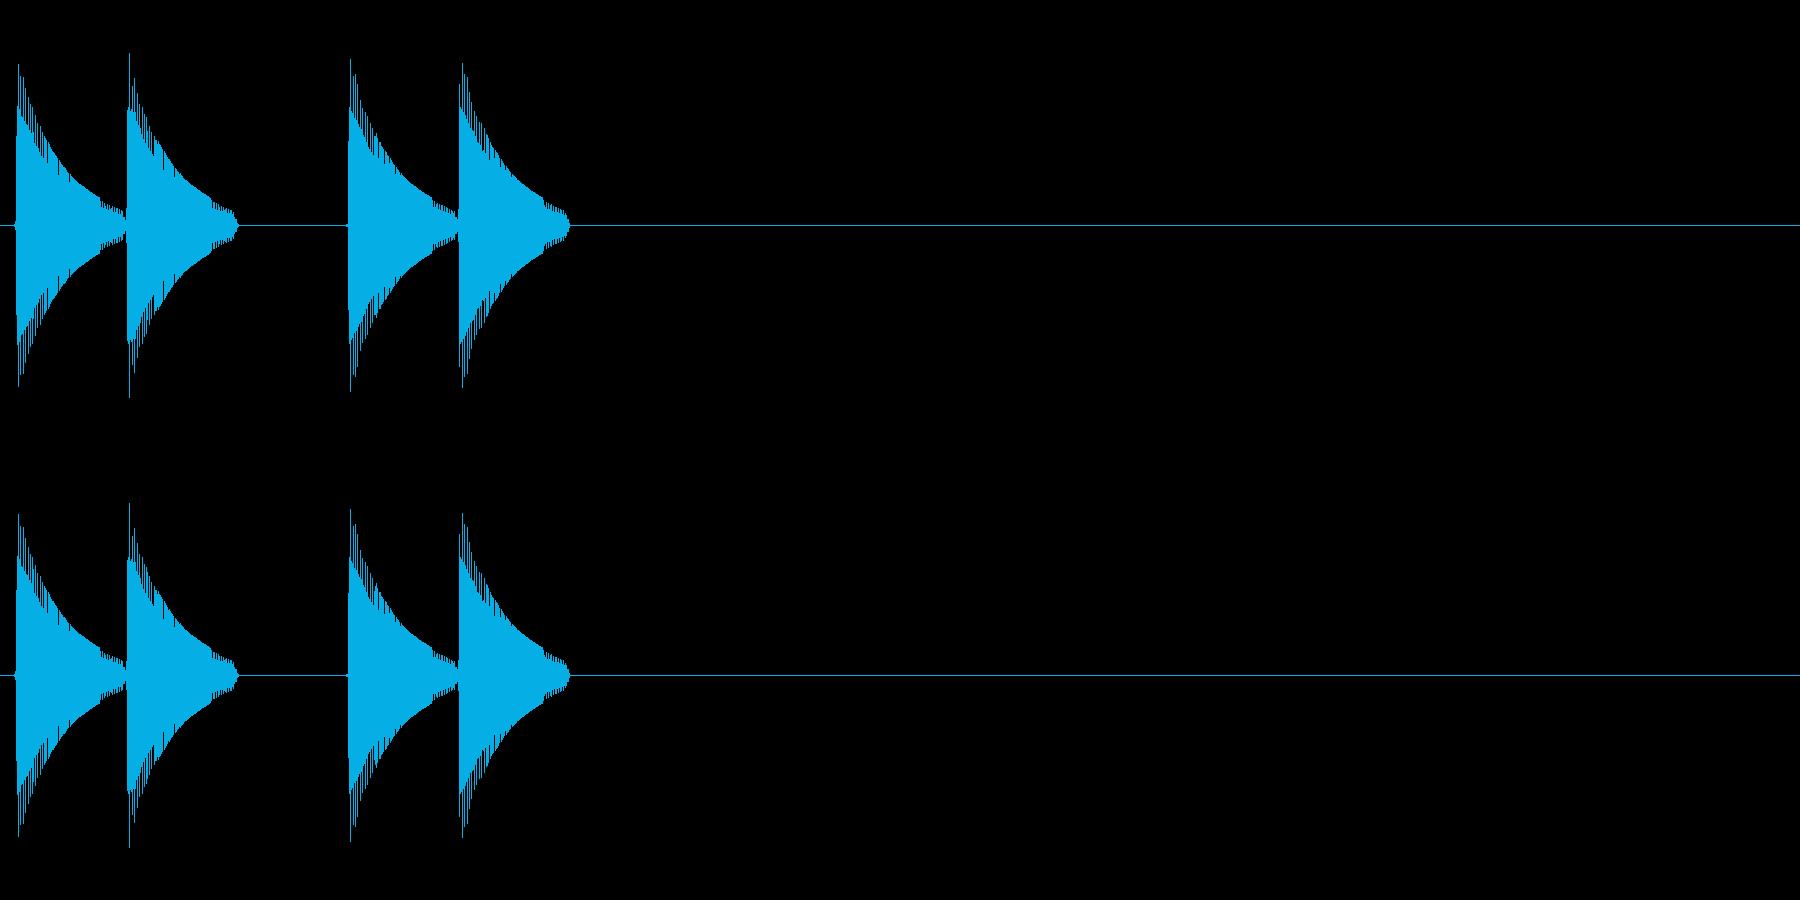 ビビッビビッの再生済みの波形